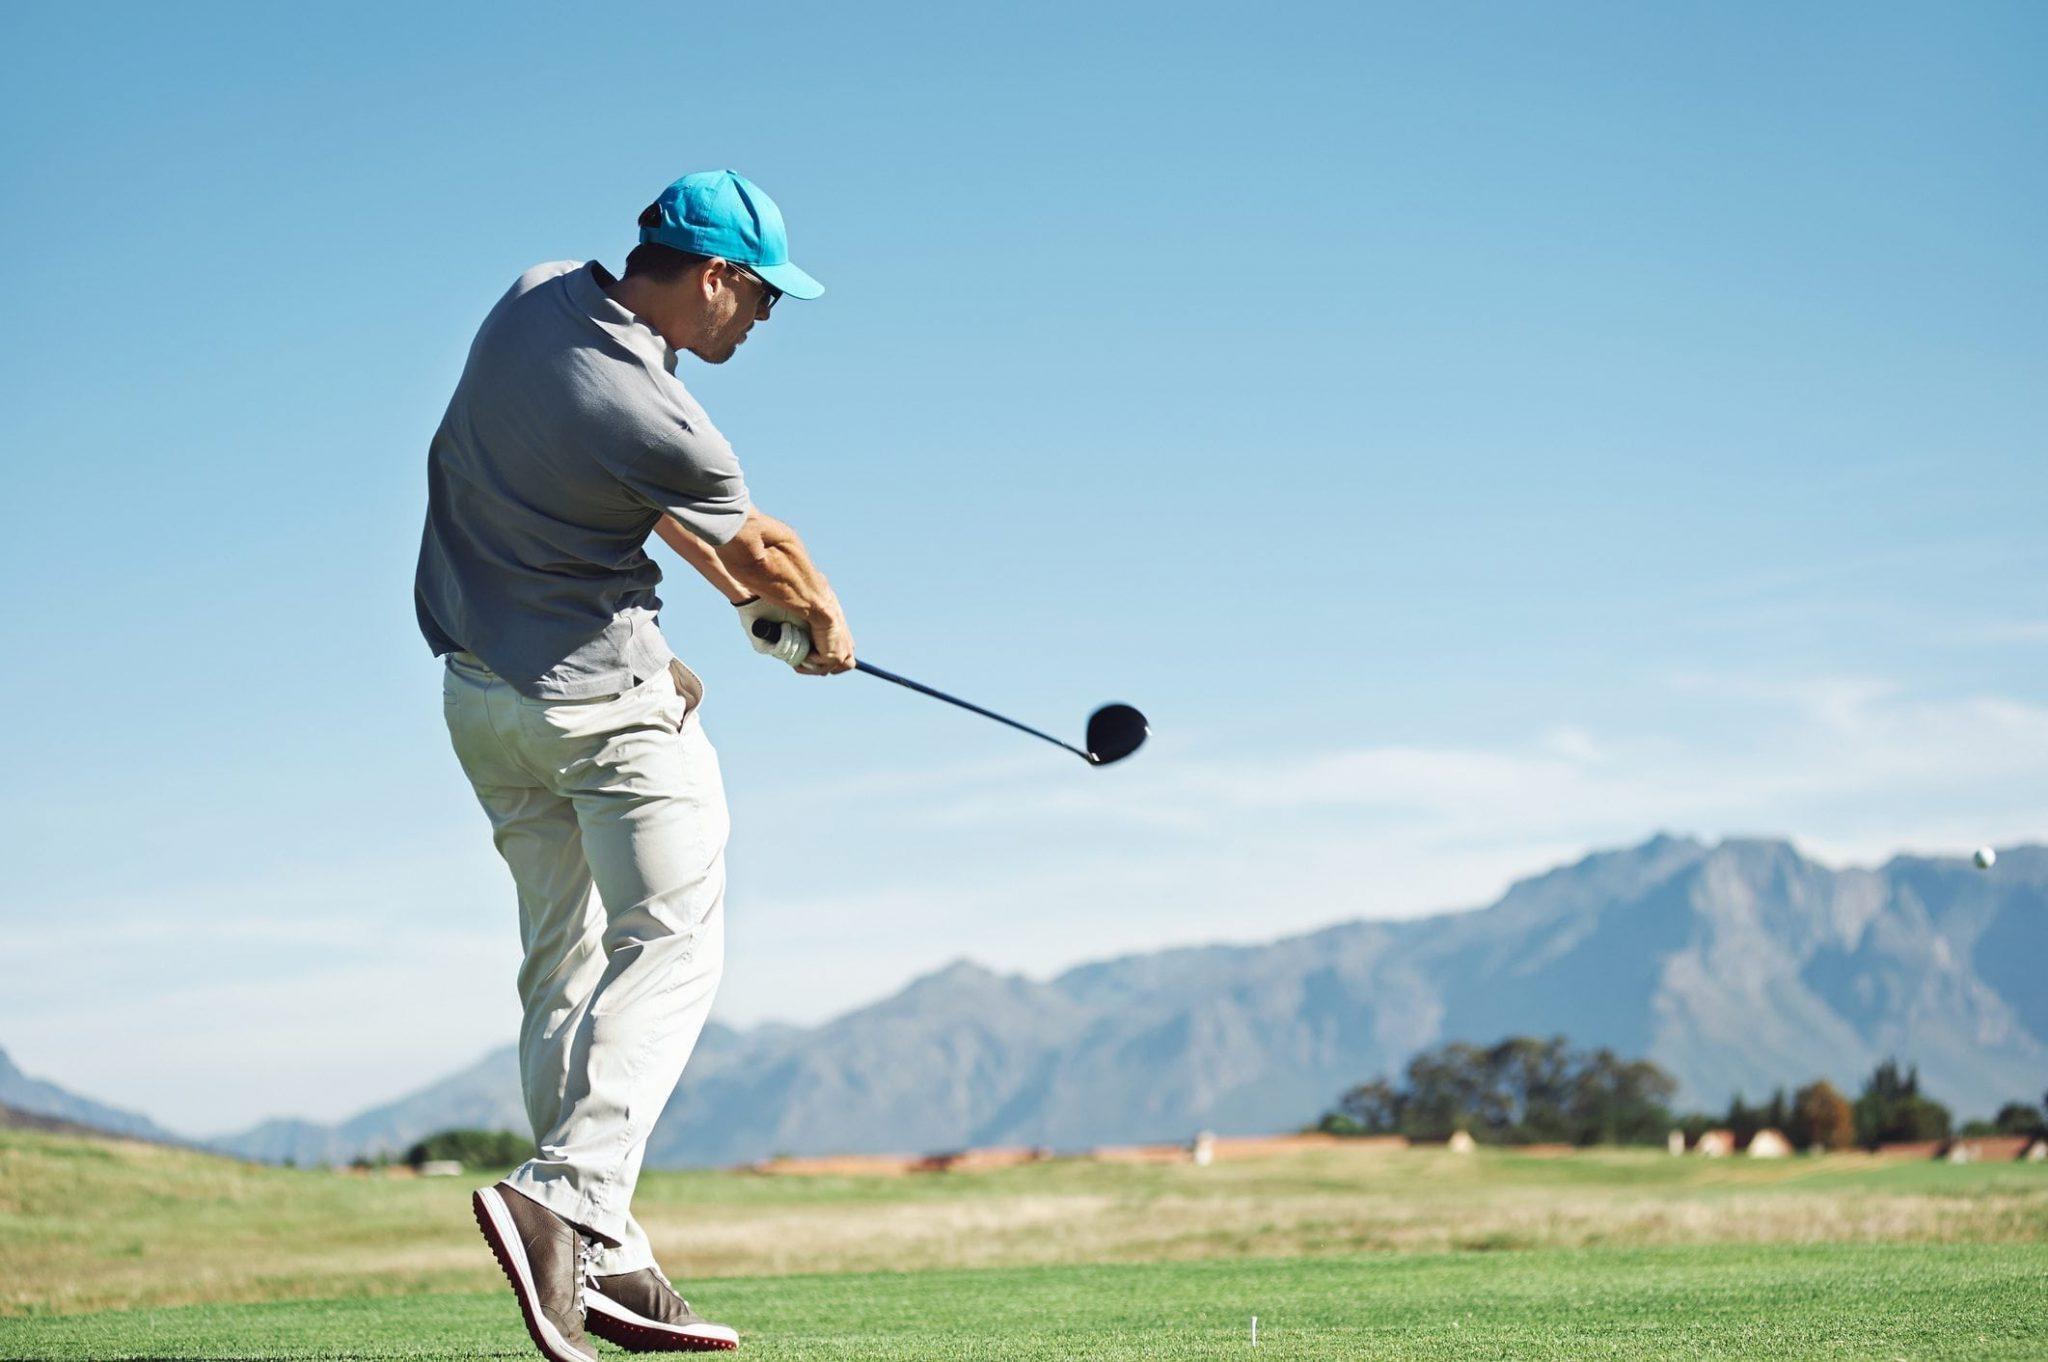 Quick Fix for Focus in Golf